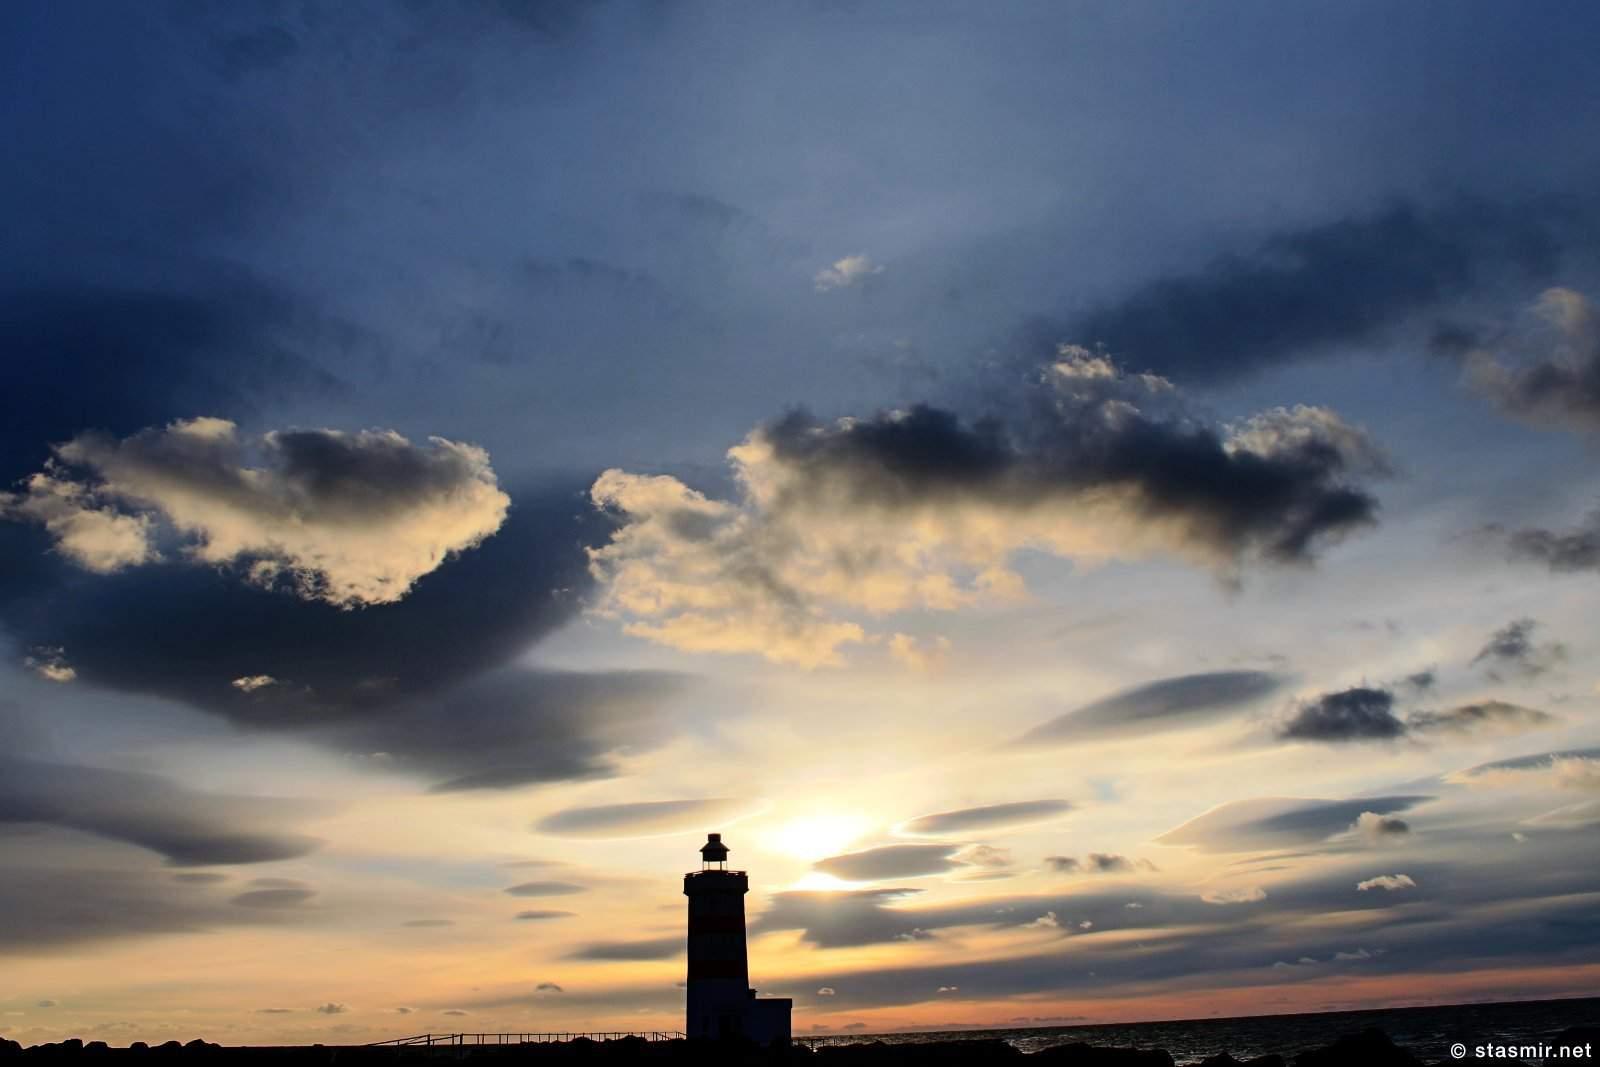 Старый маяк в деревушке Гардур, Южная Исландия, фото Стасмир, photo Stasmir